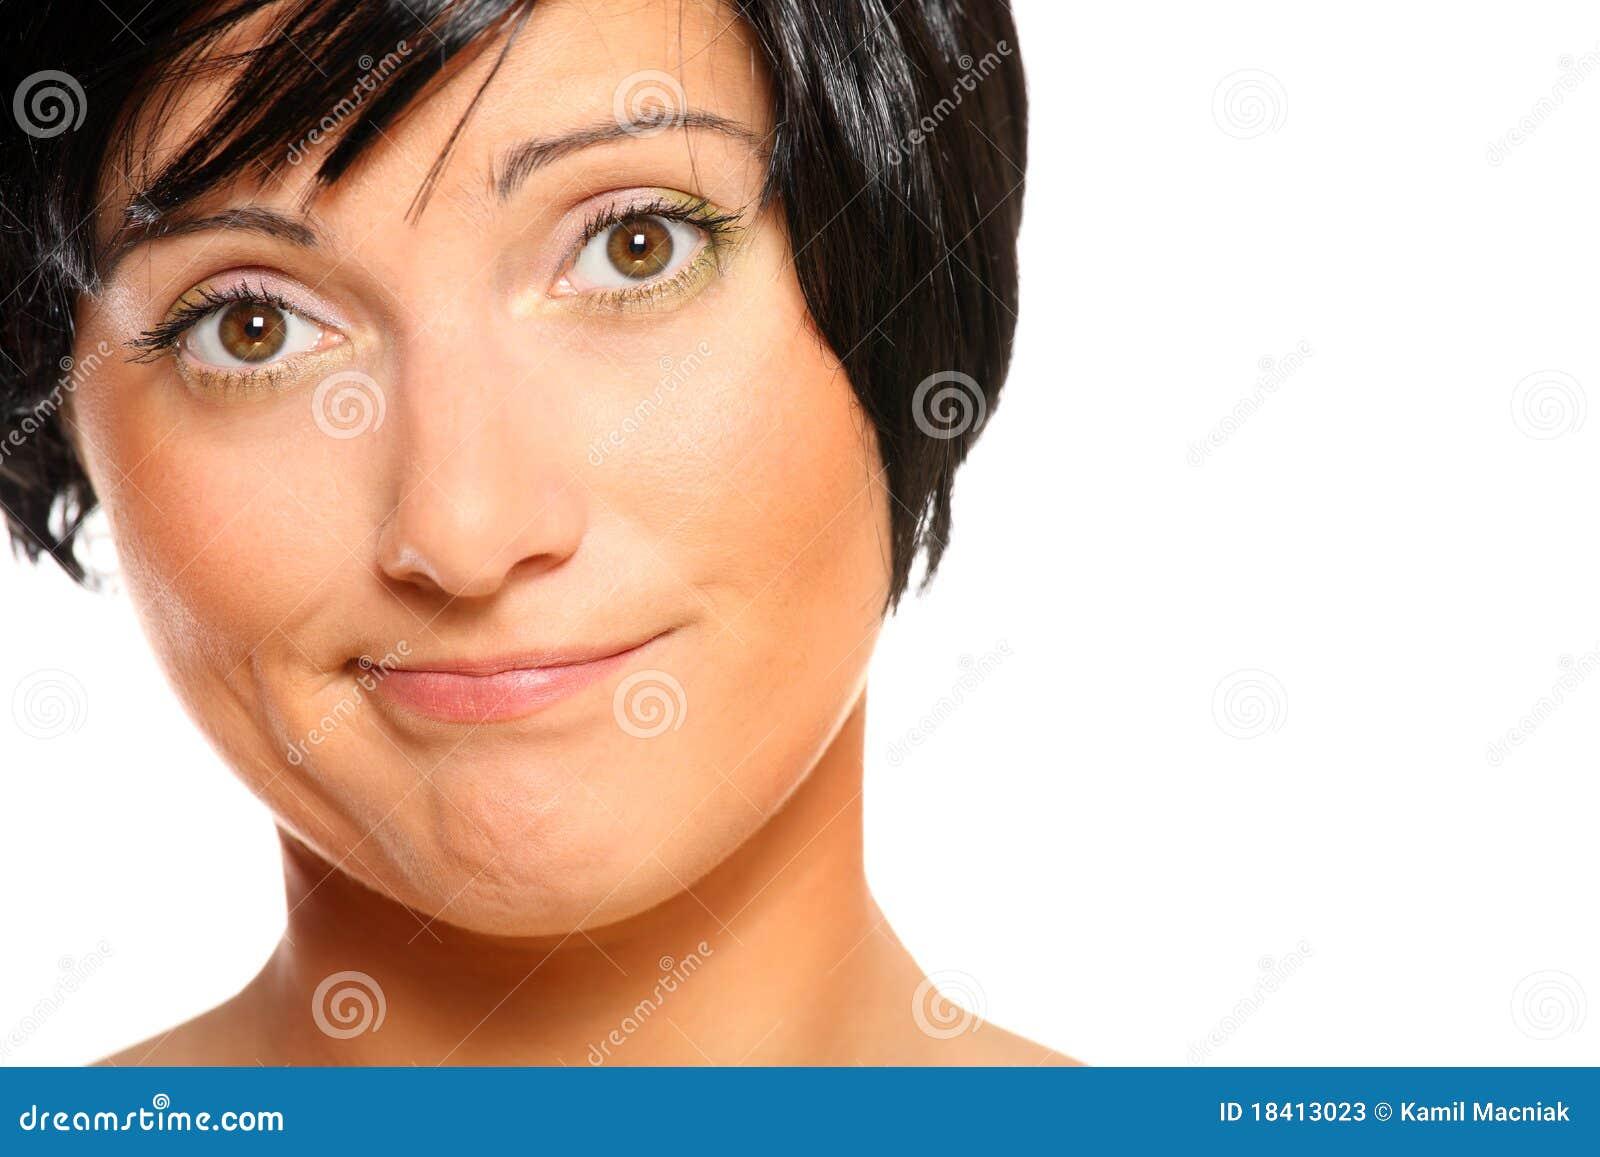 Unbefriedigte Frau stockbild. Bild von haar, ausdrücken